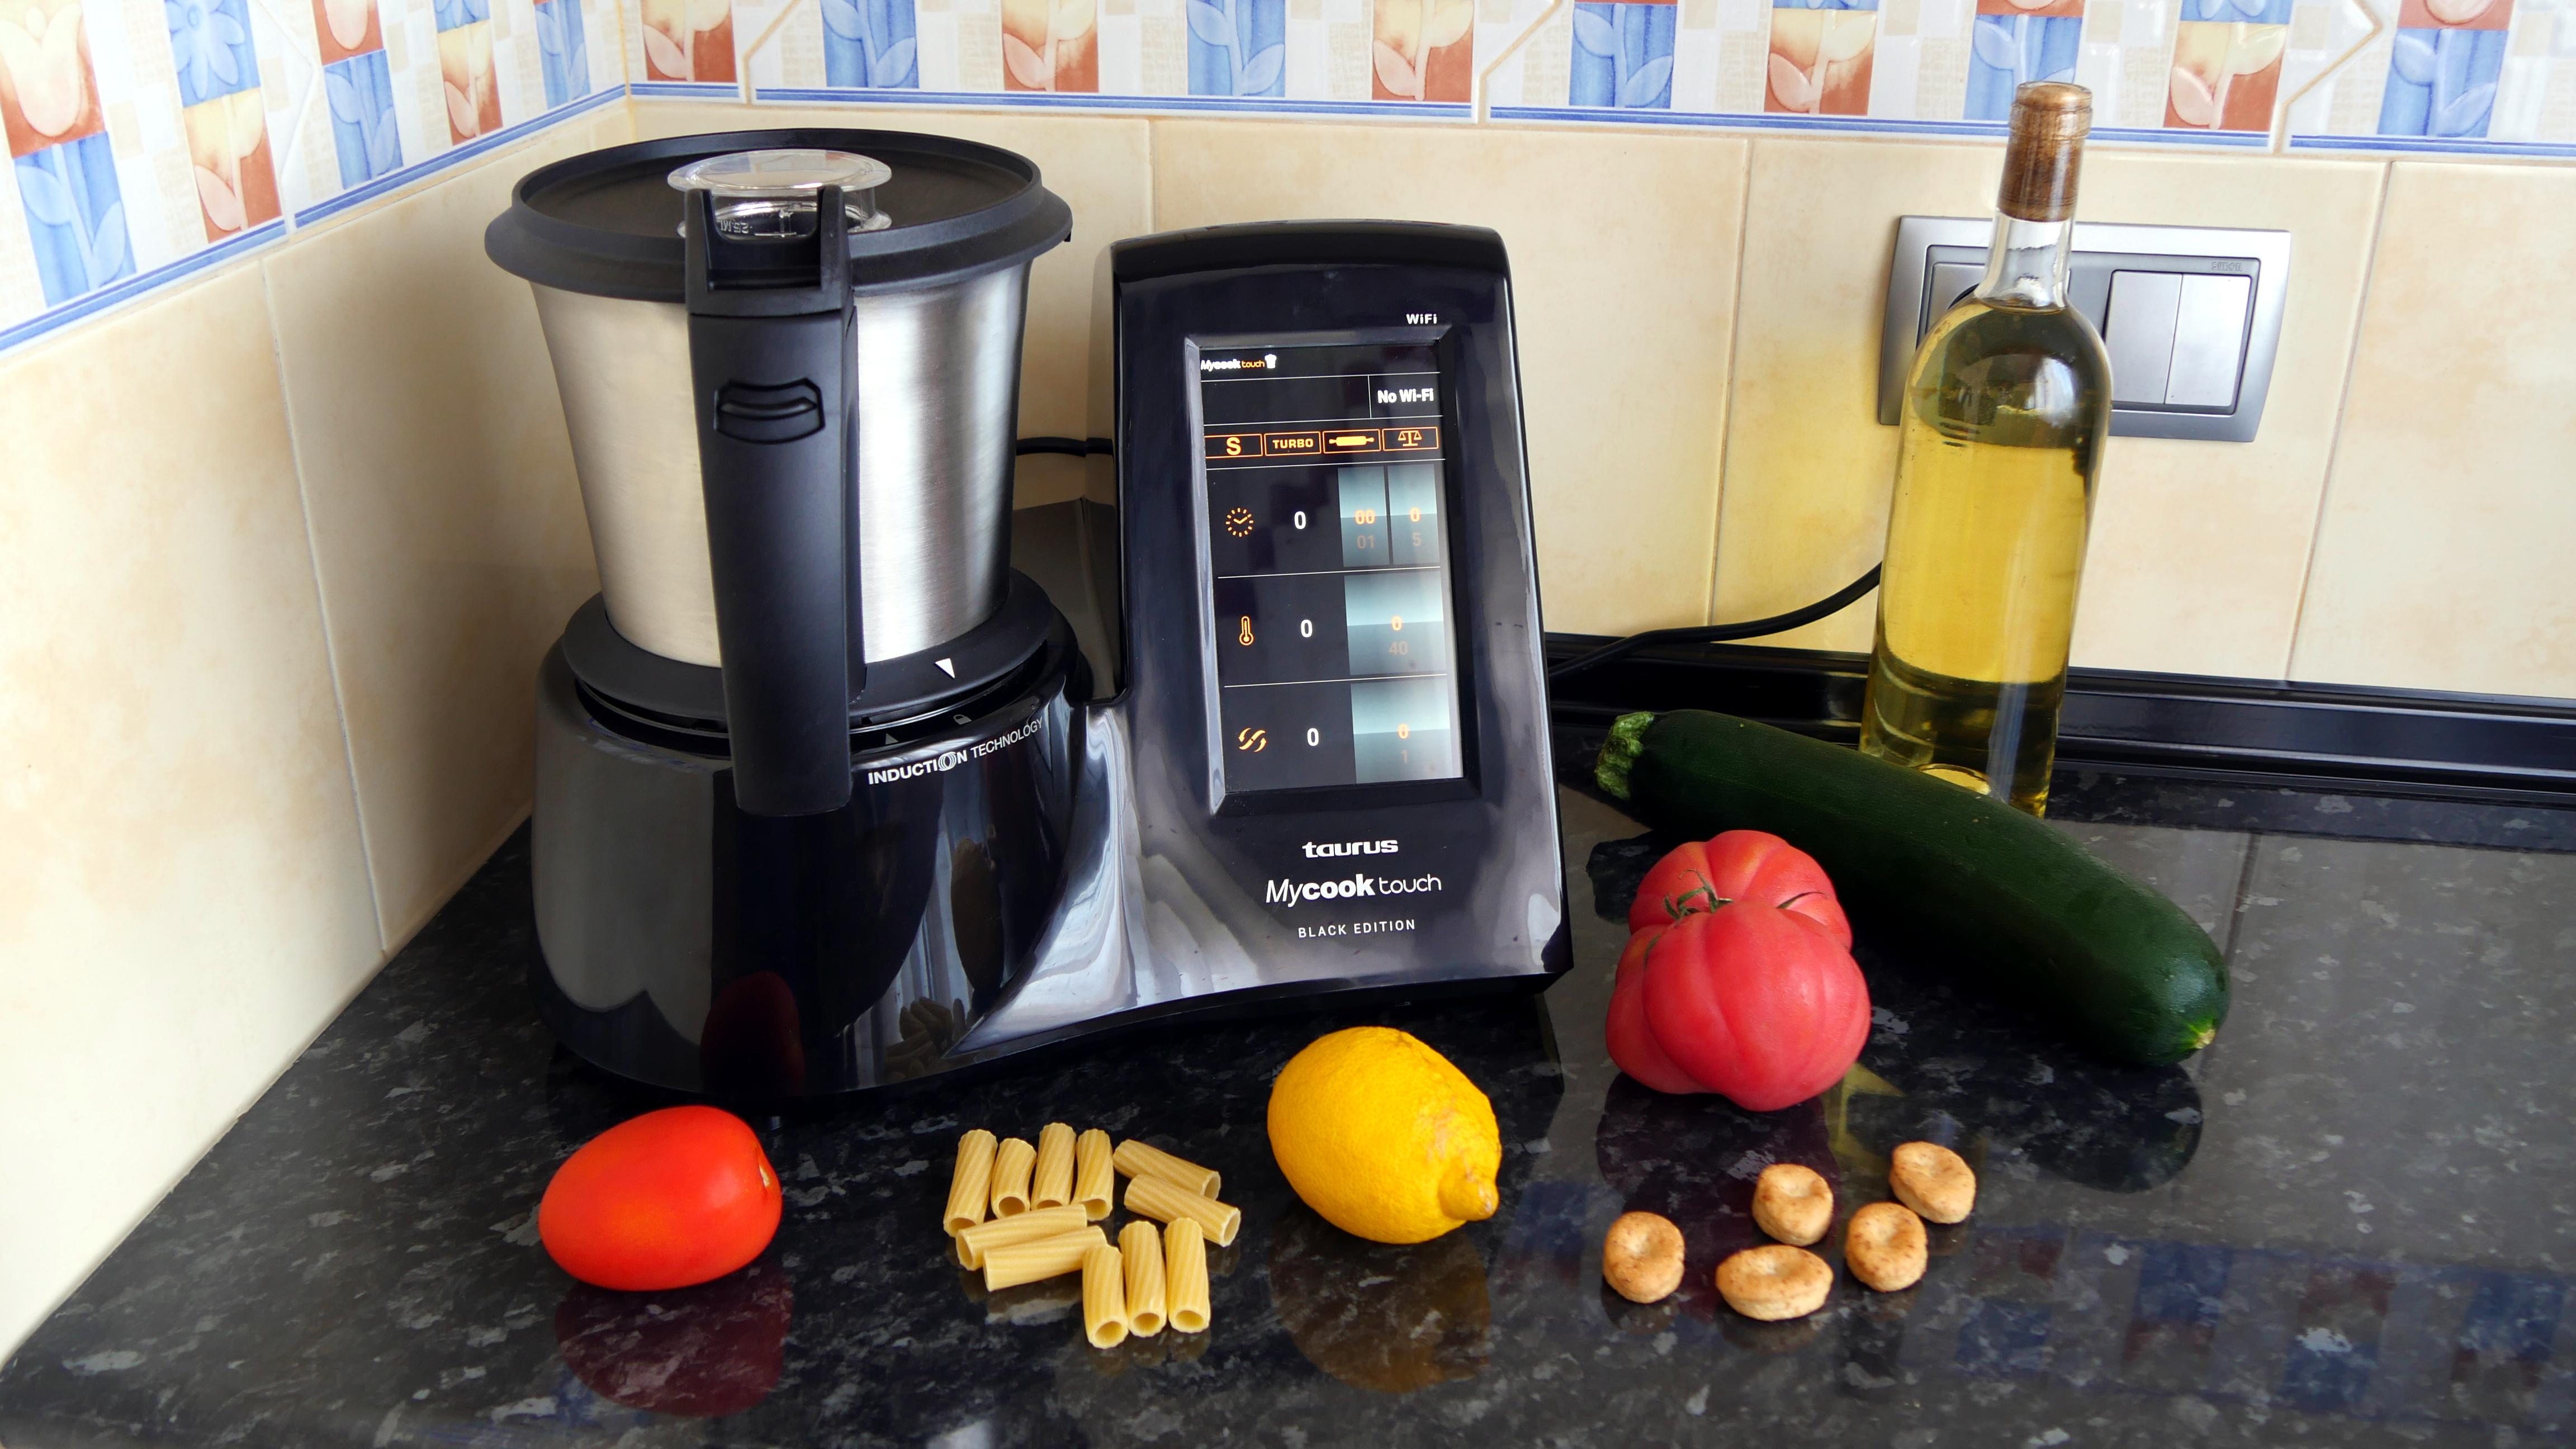 Mycook Touch Black Edition El Robot De Cocina Más Avanzado De Taurus Se Viste De Gala Tecnología Computerhoy Com